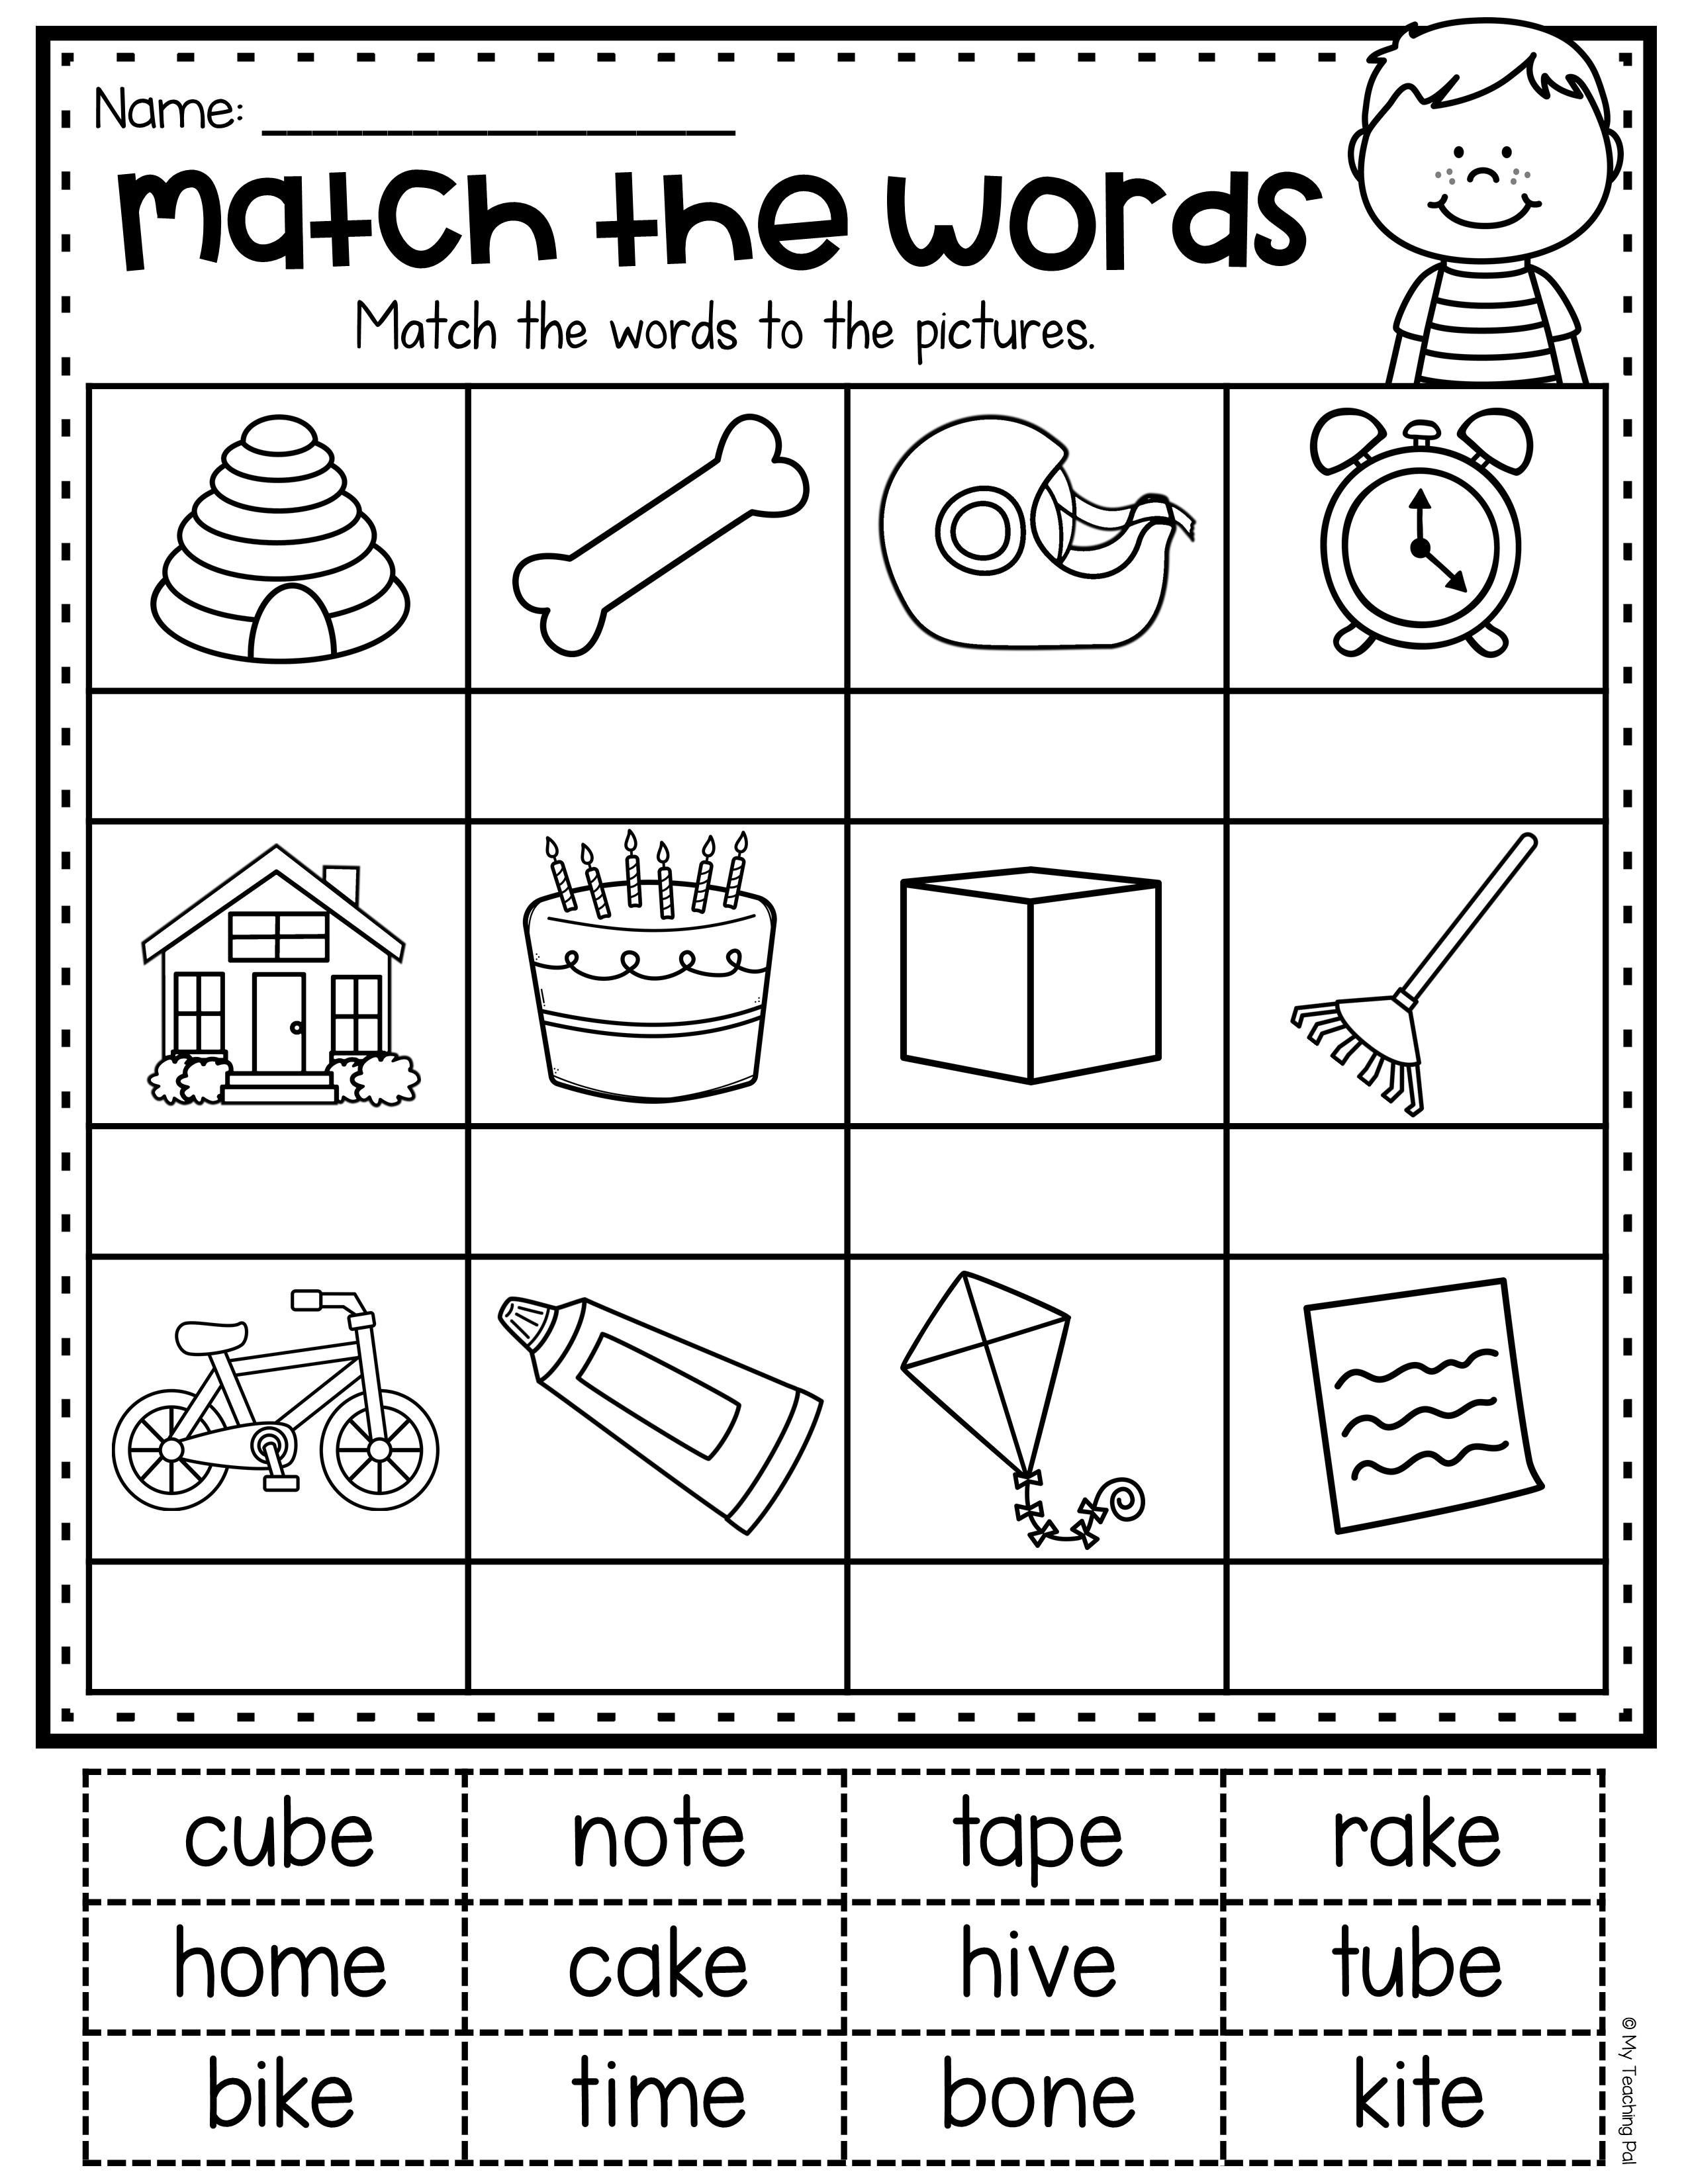 Magic e Worksheets   Magic e [ 3300 x 2550 Pixel ]